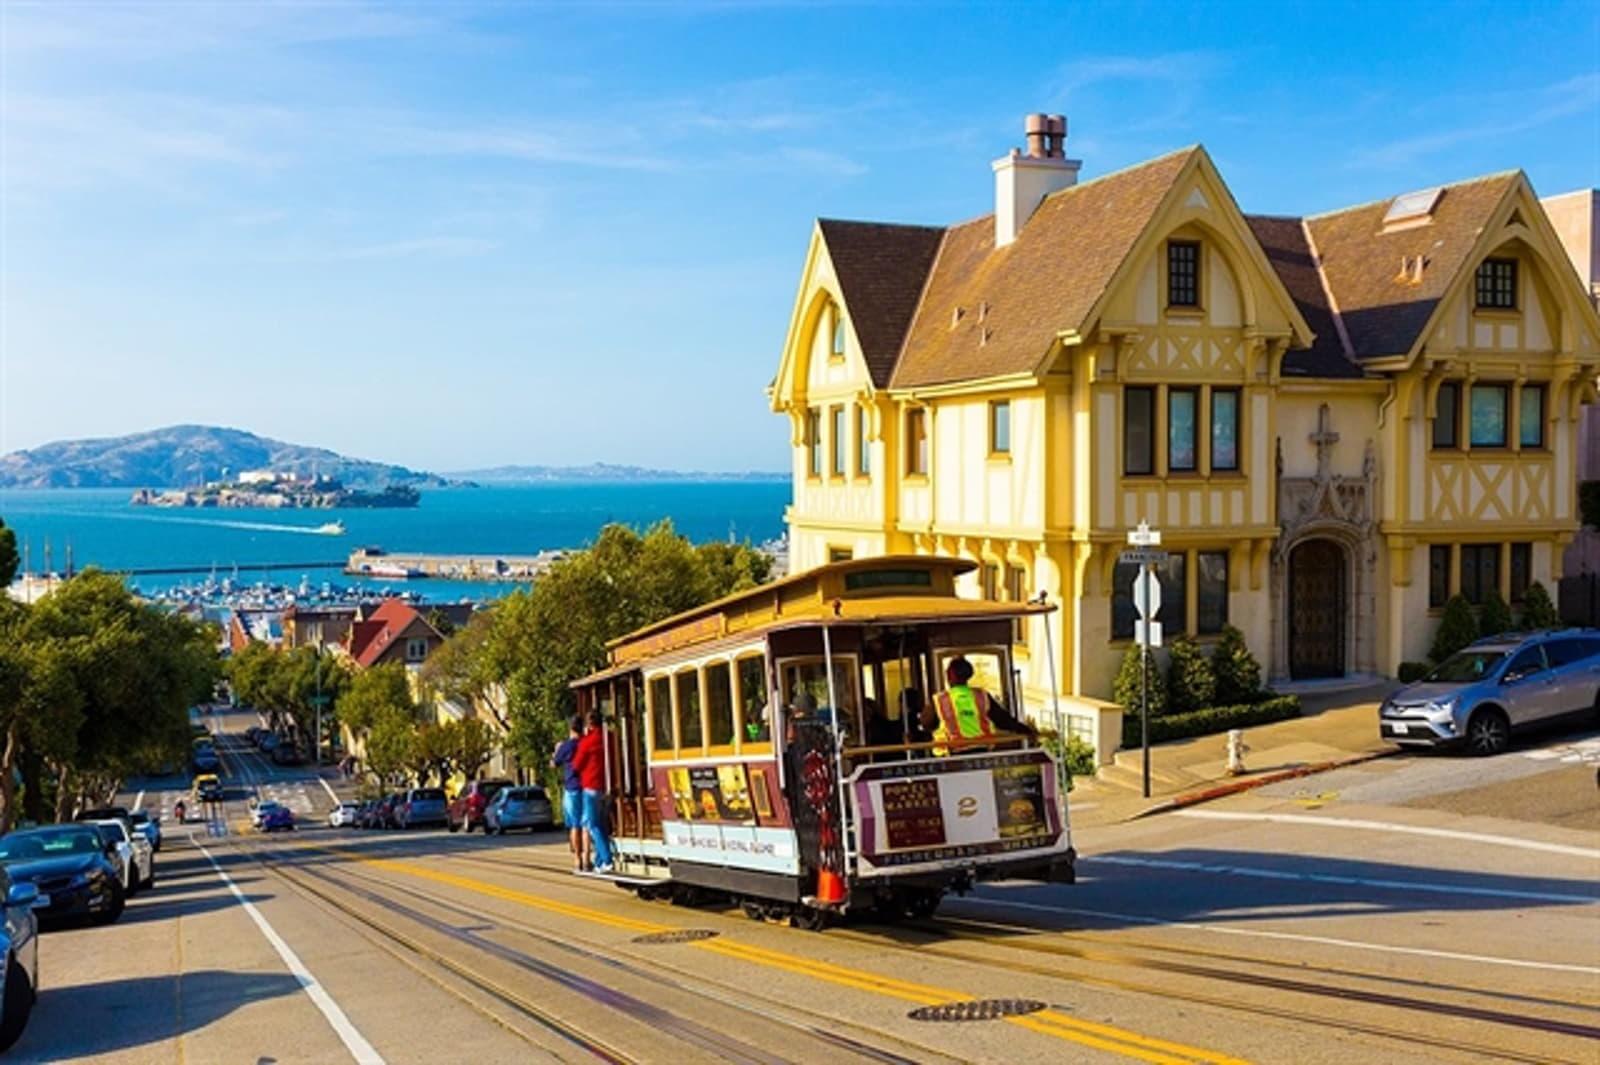 Νέα Υόρκη – Λας Βέγκας – Γκραντ Κάνυον – Λος Άντζελες – Εθνικός δρυμός γιοσεμιτι – Σαν Φρανσίσκο